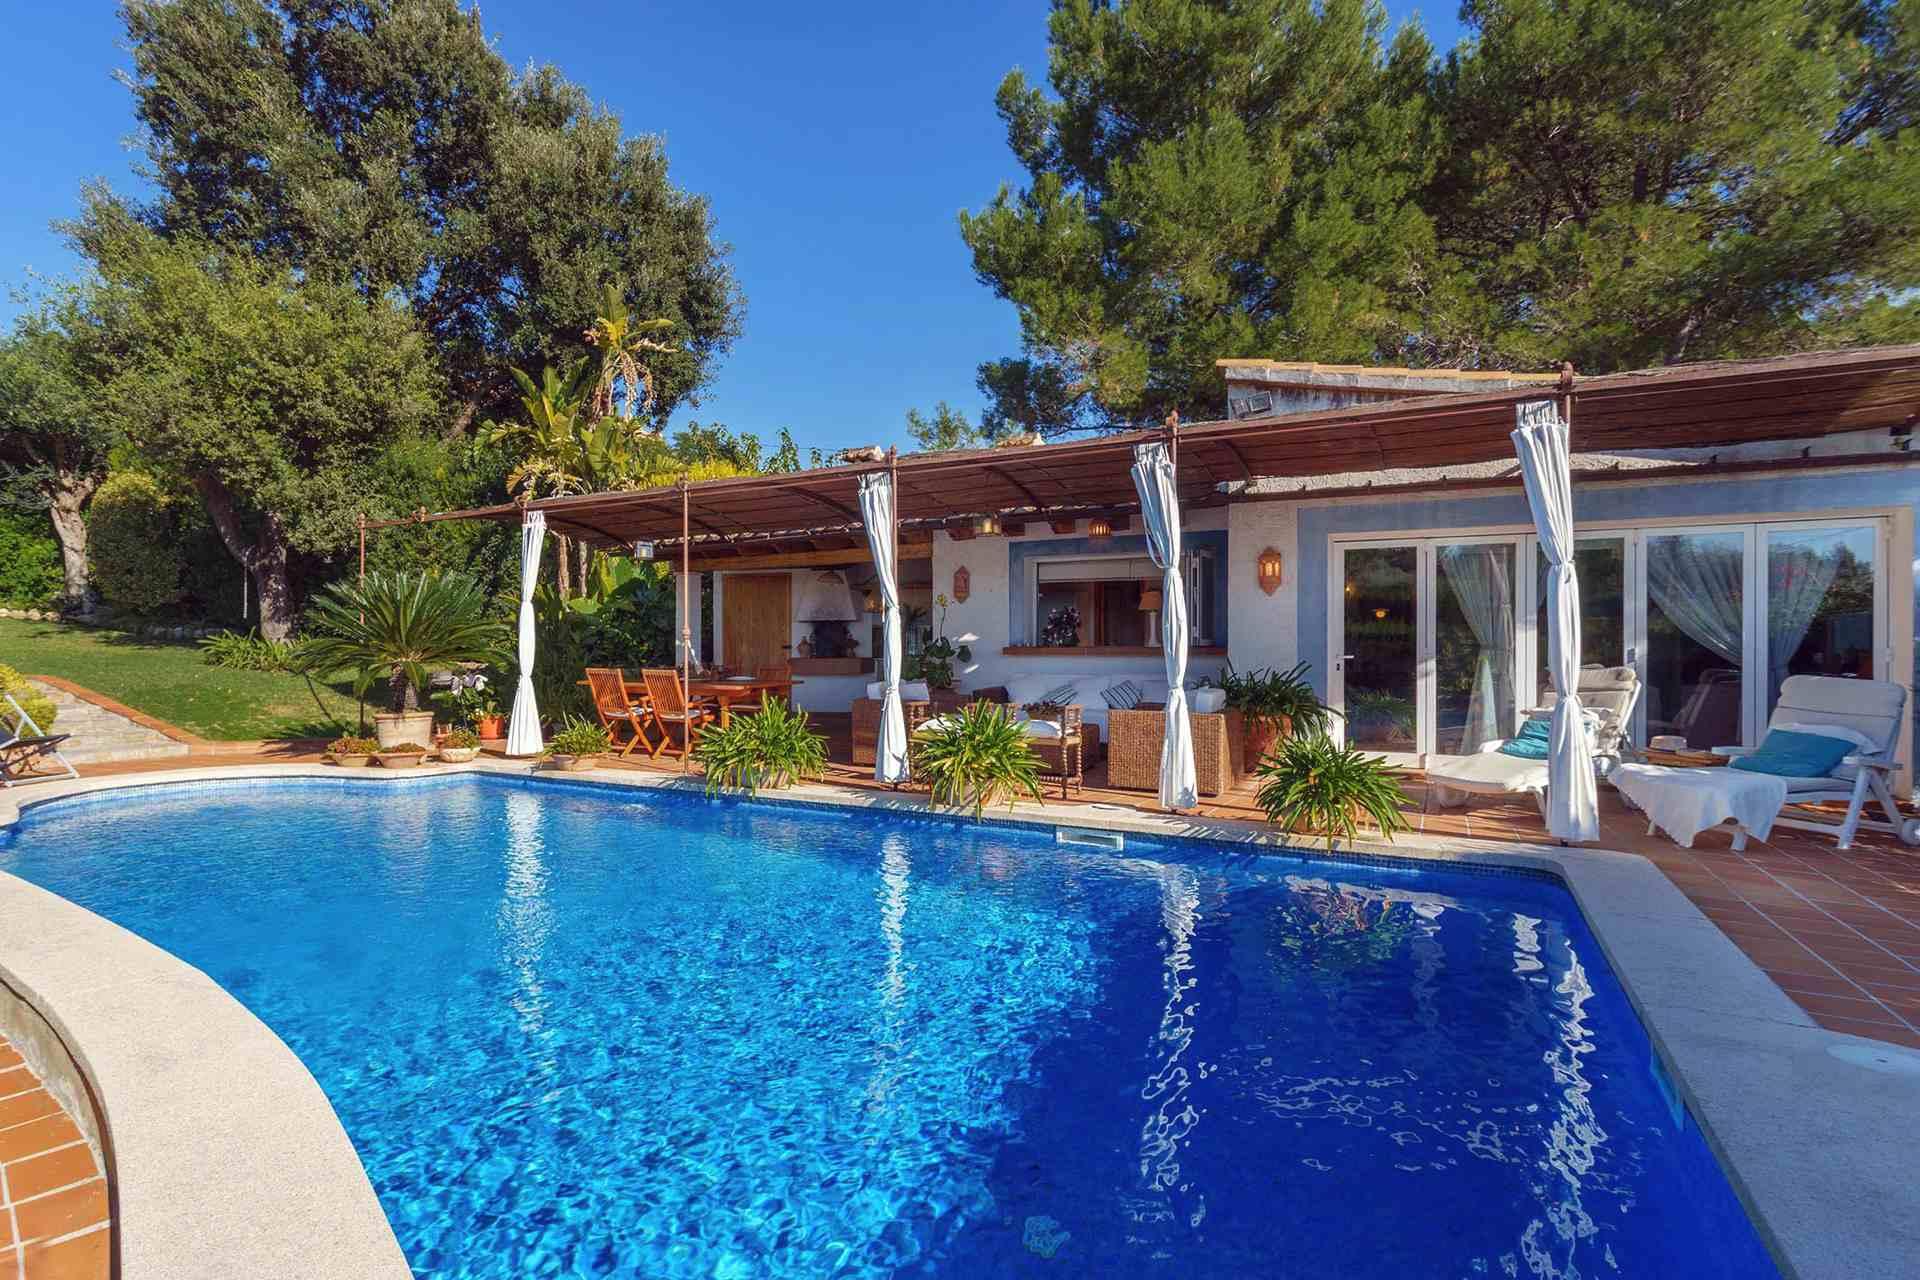 01-287 cozy Finca North Mallorca Bild 1